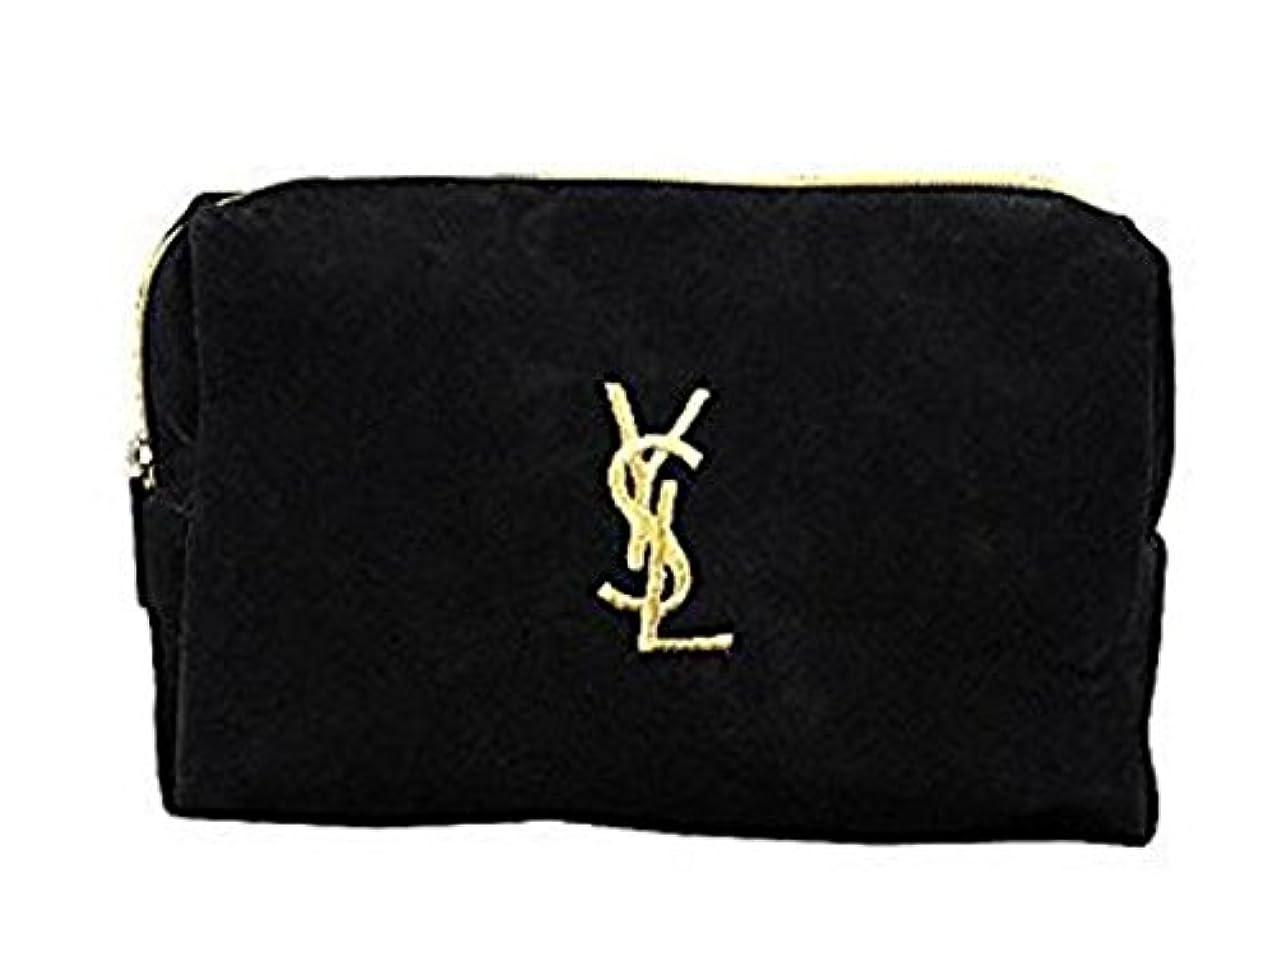 デザイナーパレード村イヴ サンローラン Yves saint Laurent ポーチ 小物入れ ロゴ イエロ ブラック 化粧ポーチ 化粧 メイク コスメ アイシャドー ブラシ1本 付き